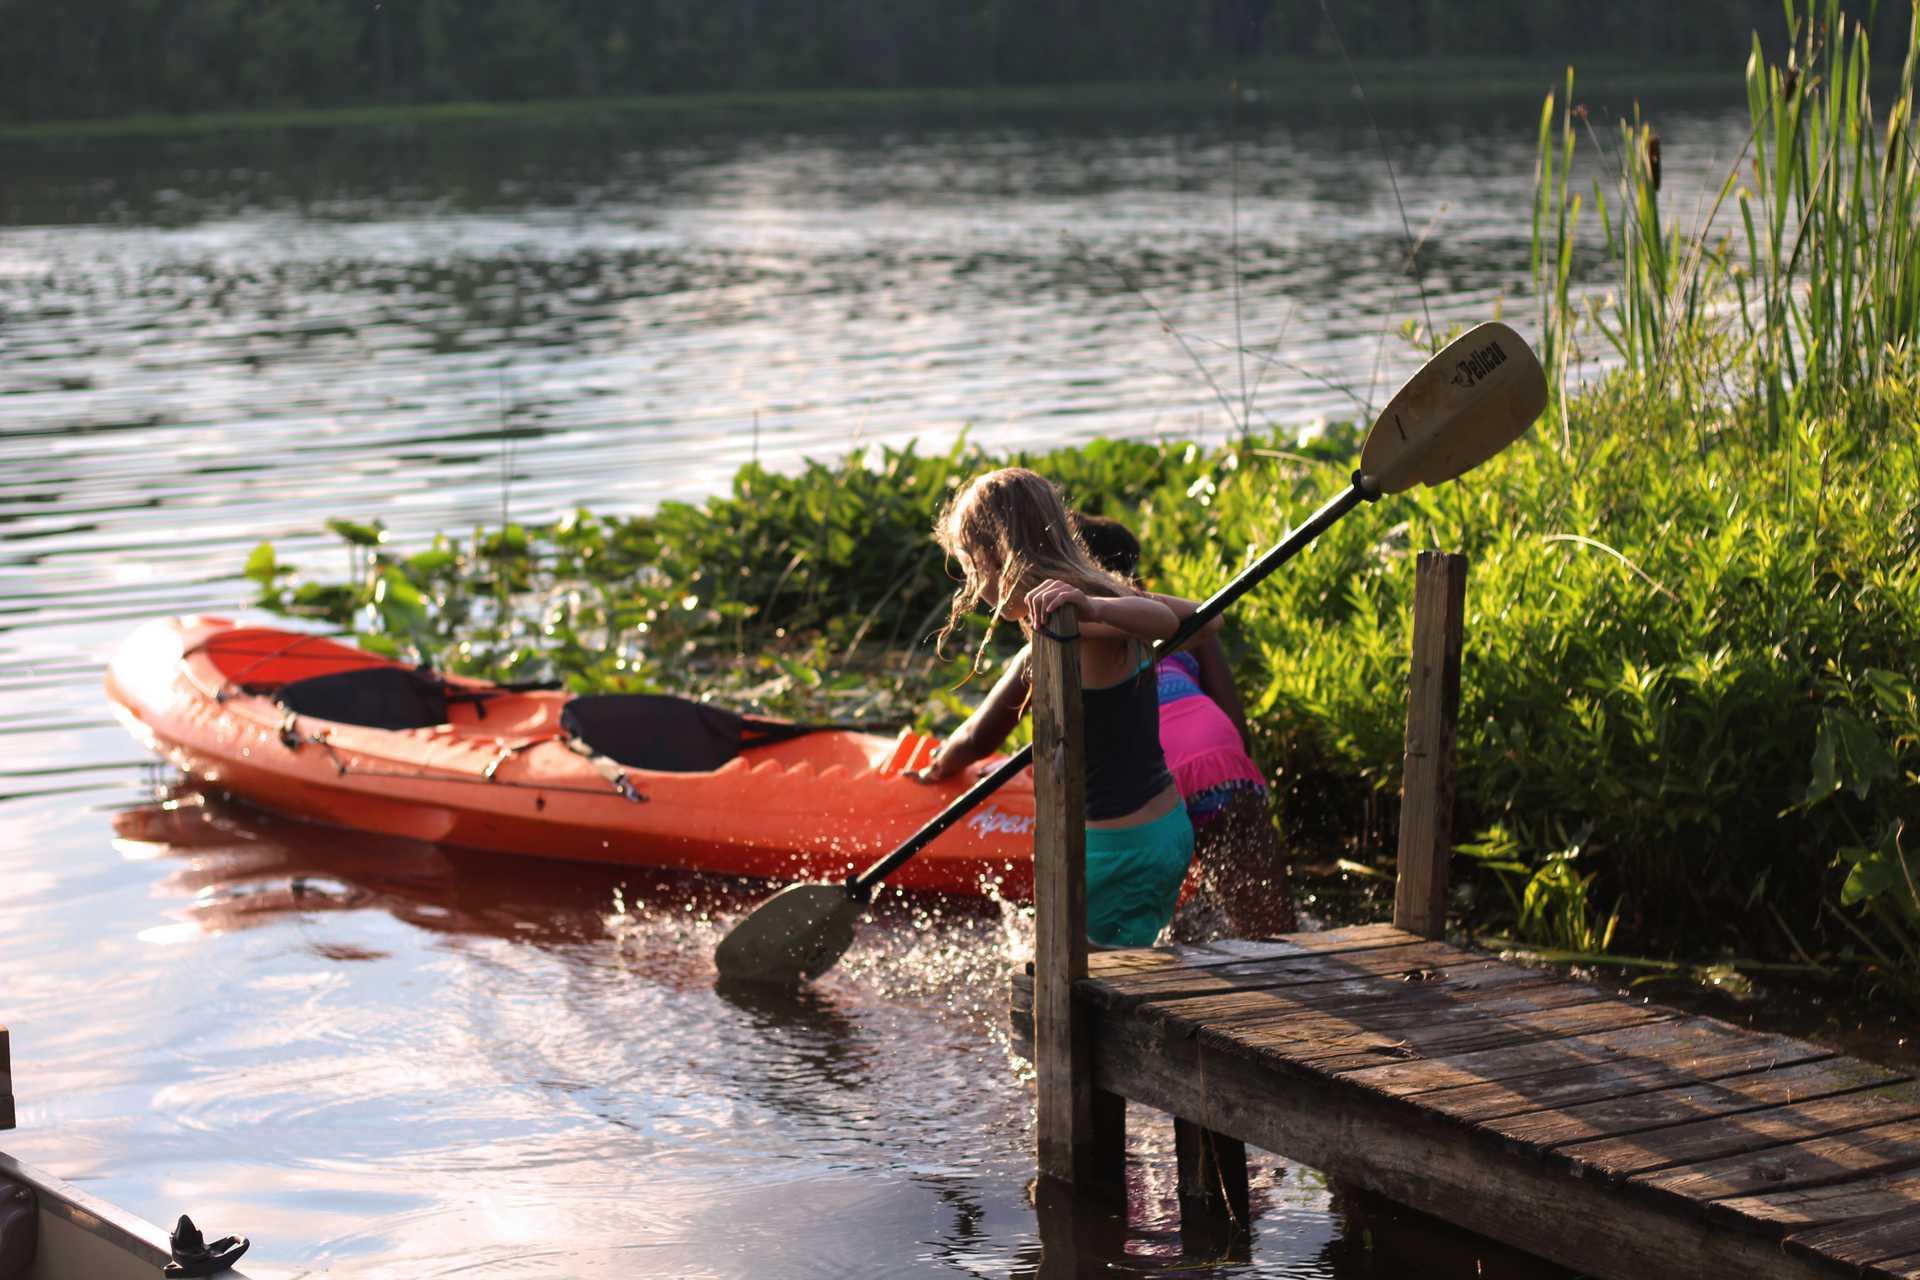 Enfant en bord de lac avec un kayak